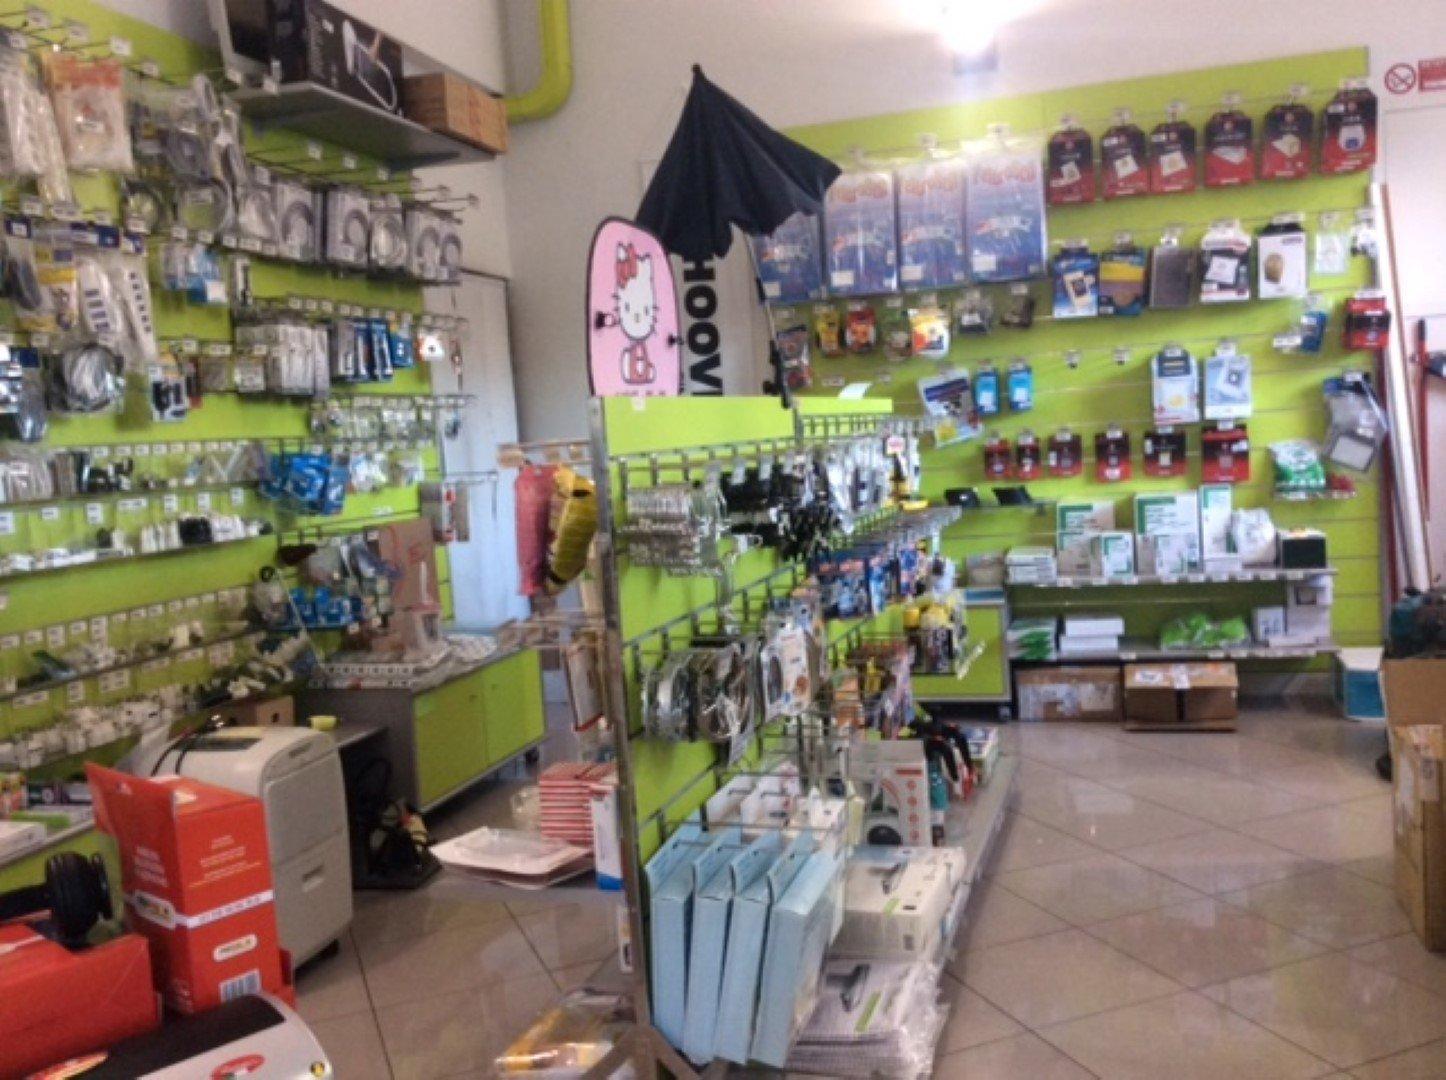 Elettrodomestici a G&G a Centro Commerciale Naturale Via Doni e Dintorni a Firenze